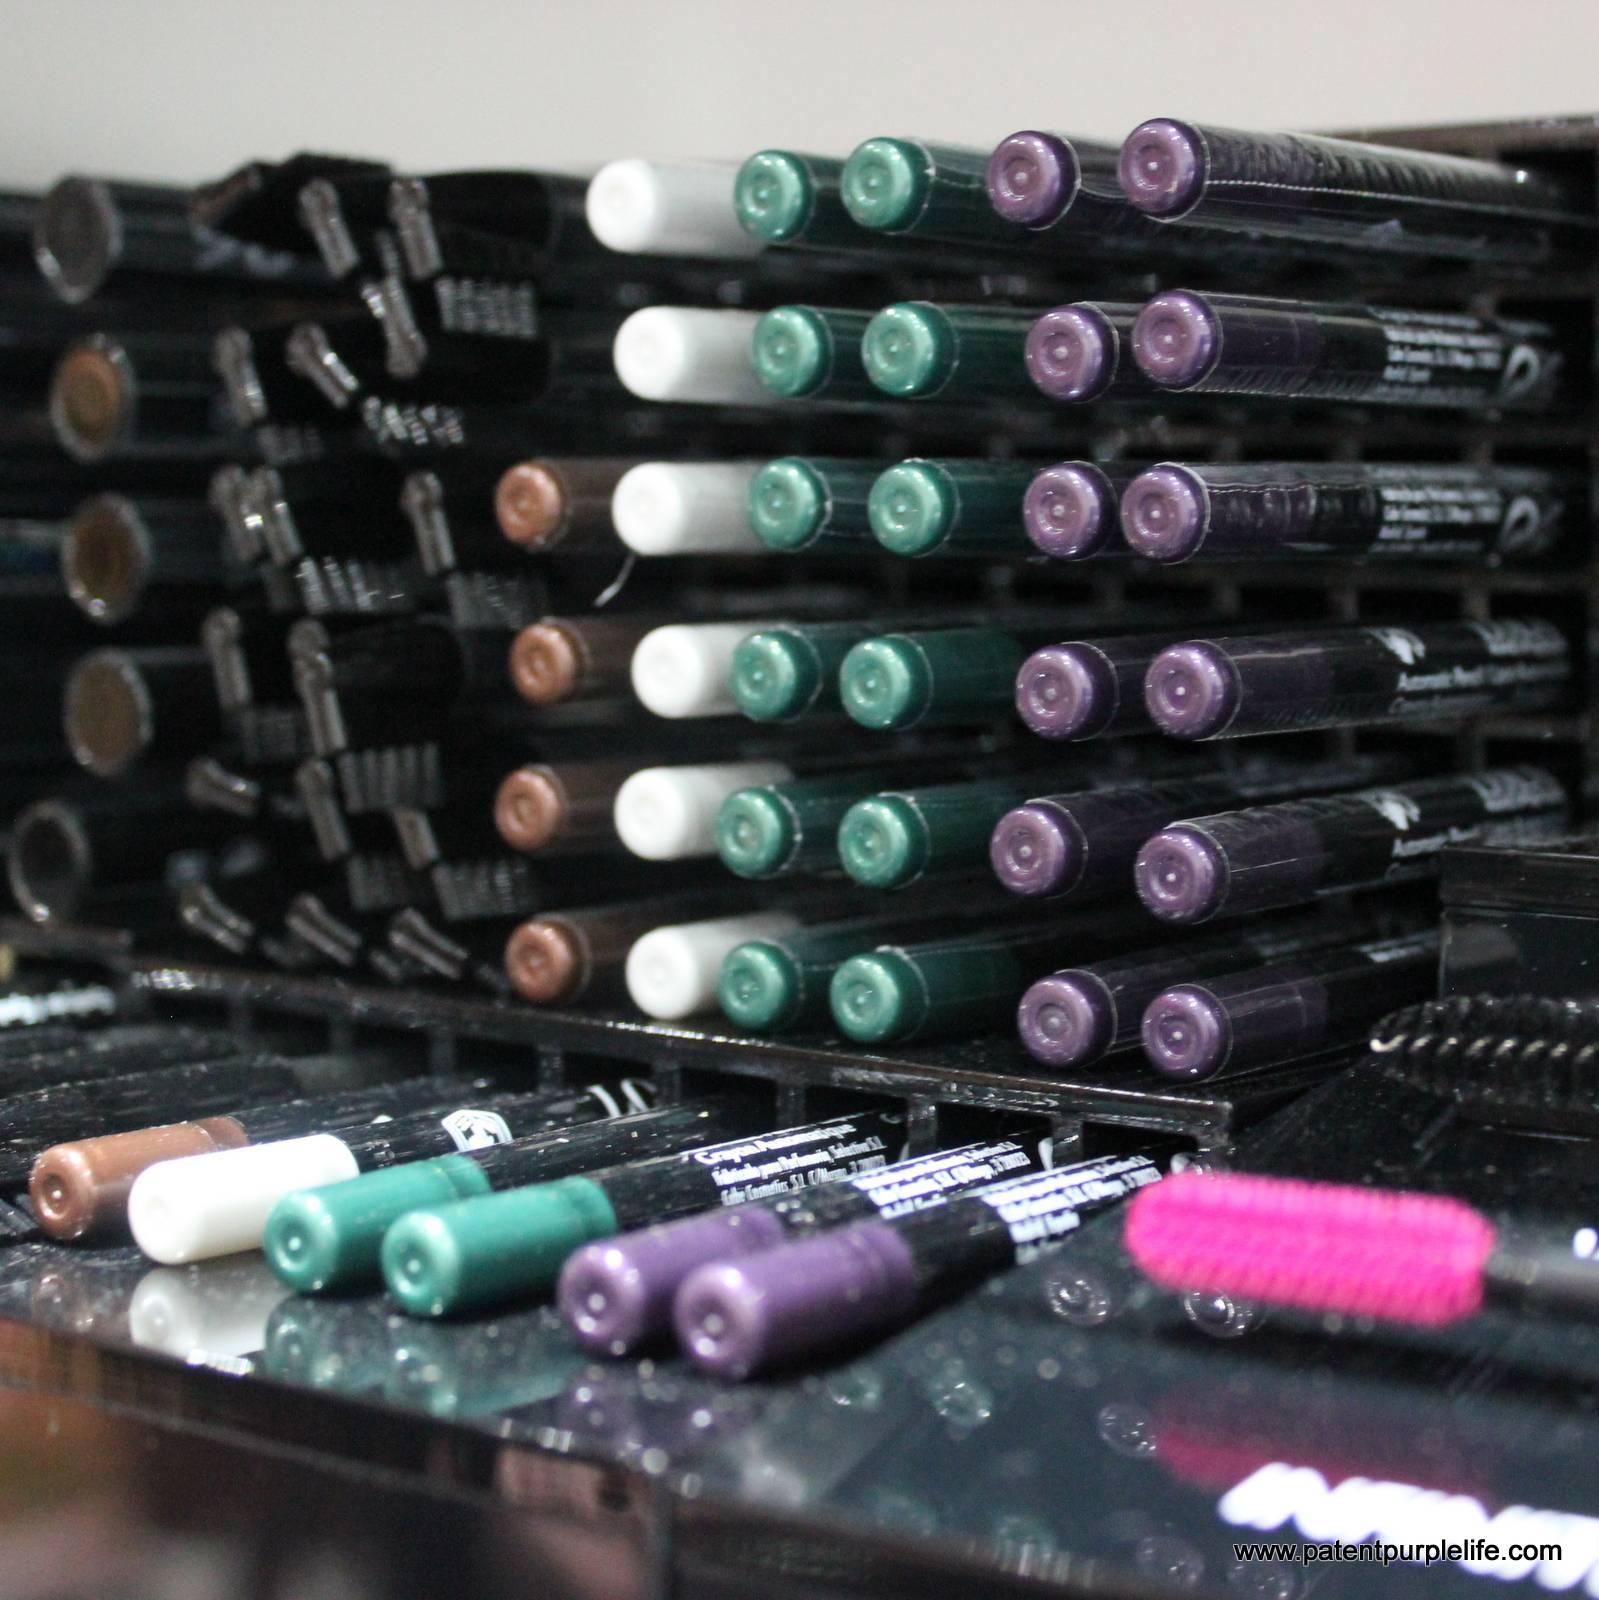 Lola Boutique Eyeliner Pencils